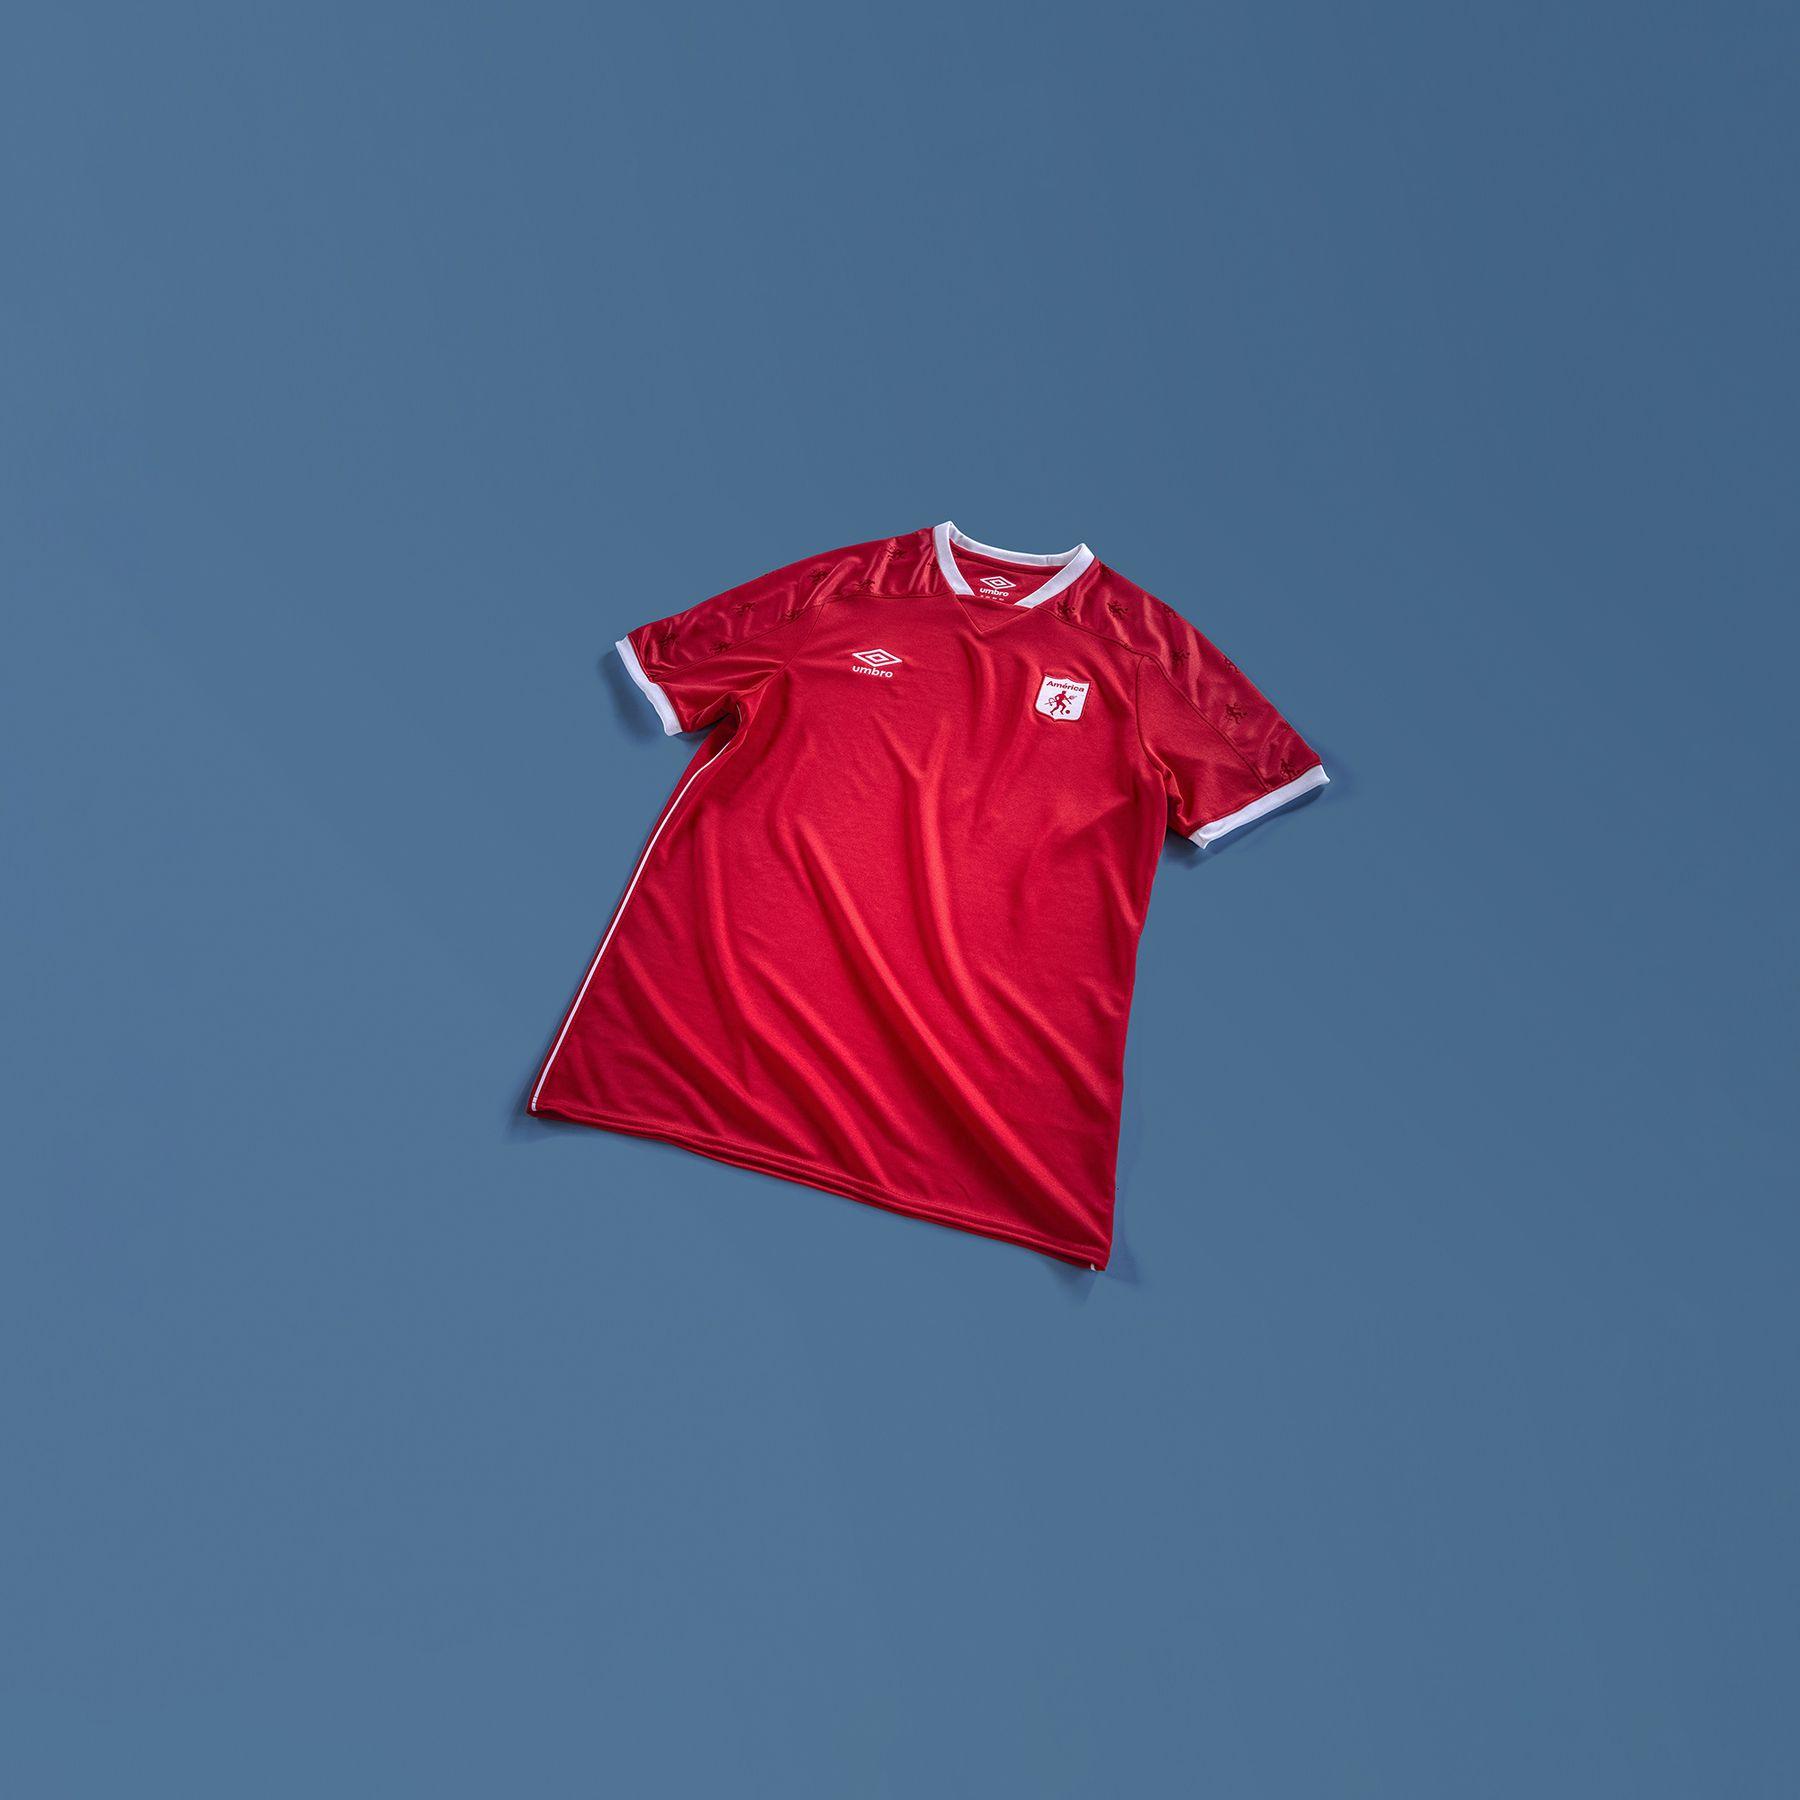 América de Cali 2021-22 Umbro Home and Away Shirts   20/21 Kits ...